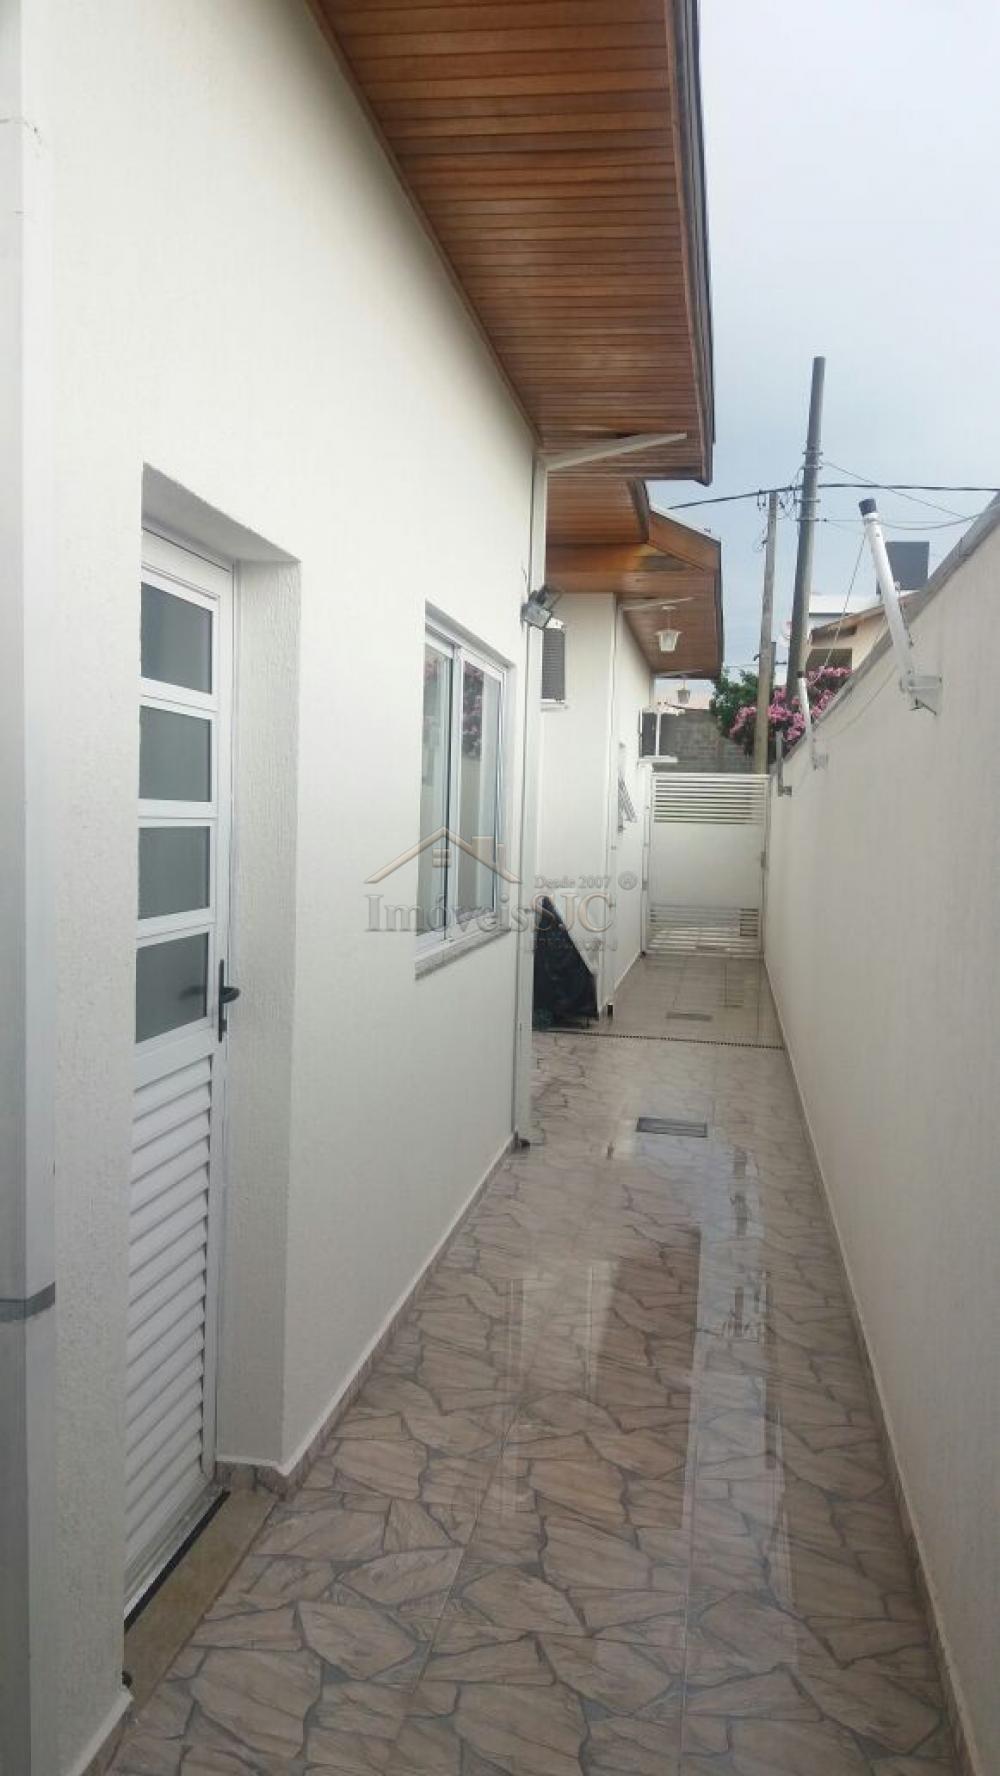 Comprar Casas / Condomínio em Caçapava apenas R$ 530.000,00 - Foto 14